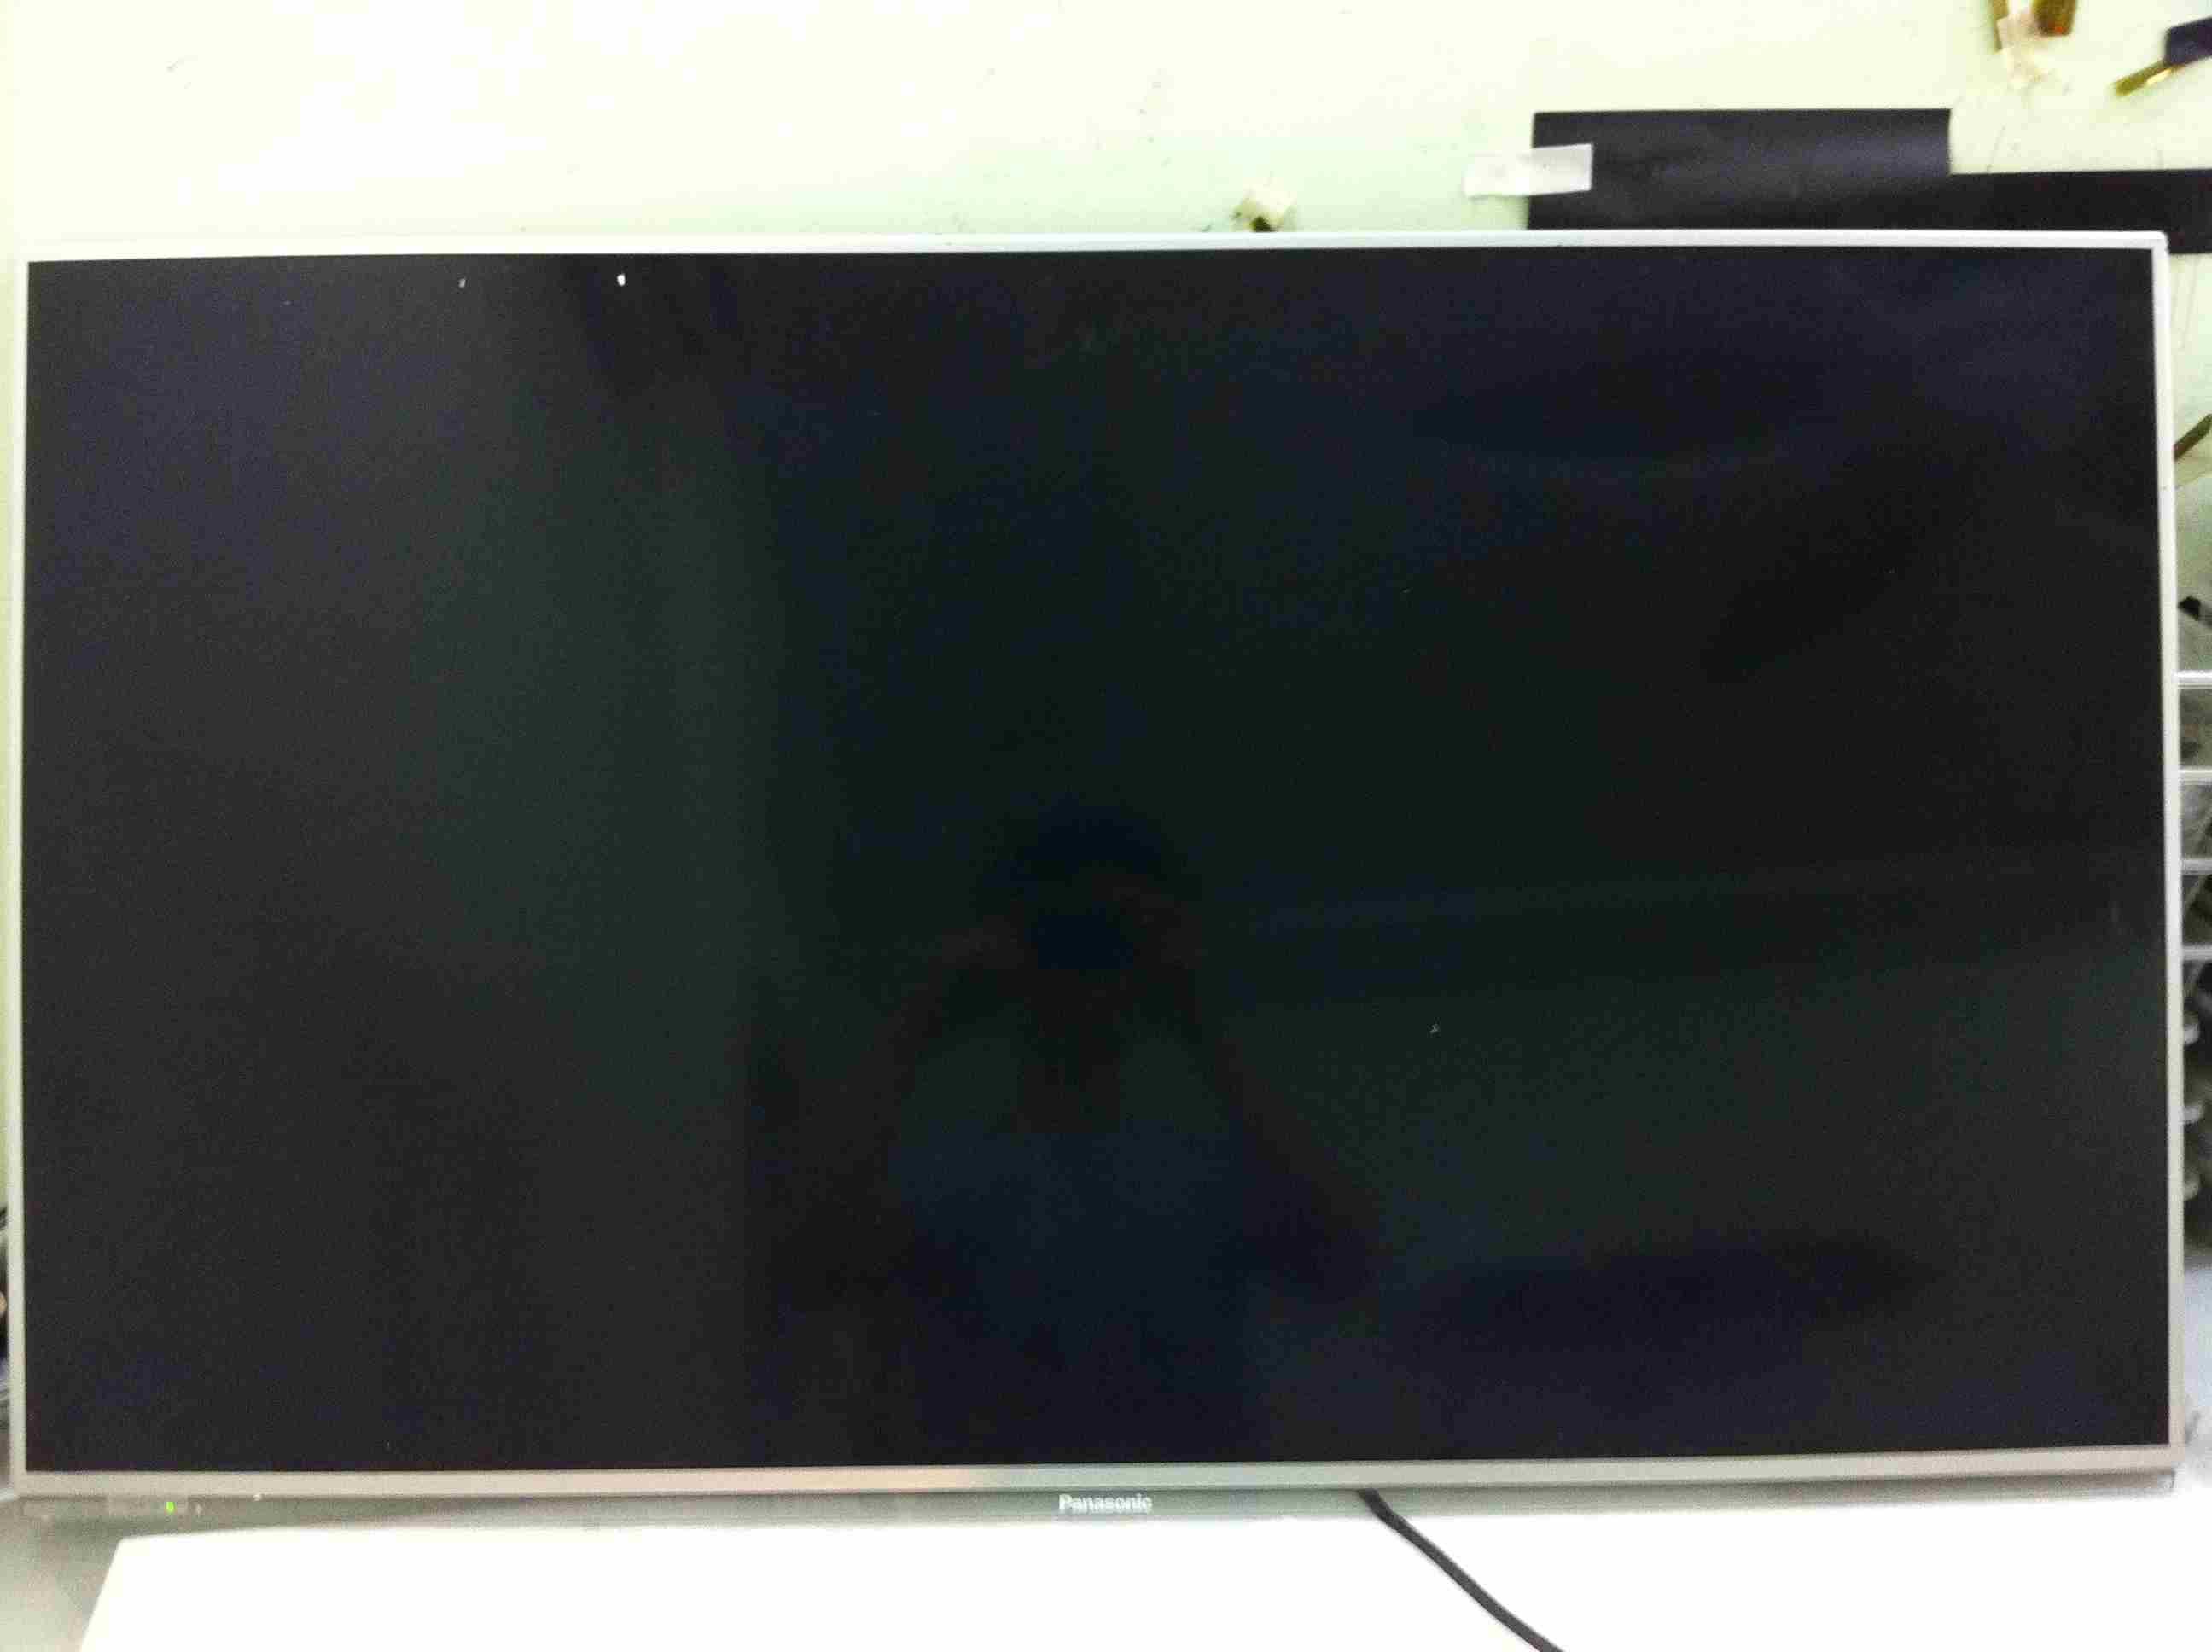 Tivi lg bị hỏng màn hình ở Hải phòng